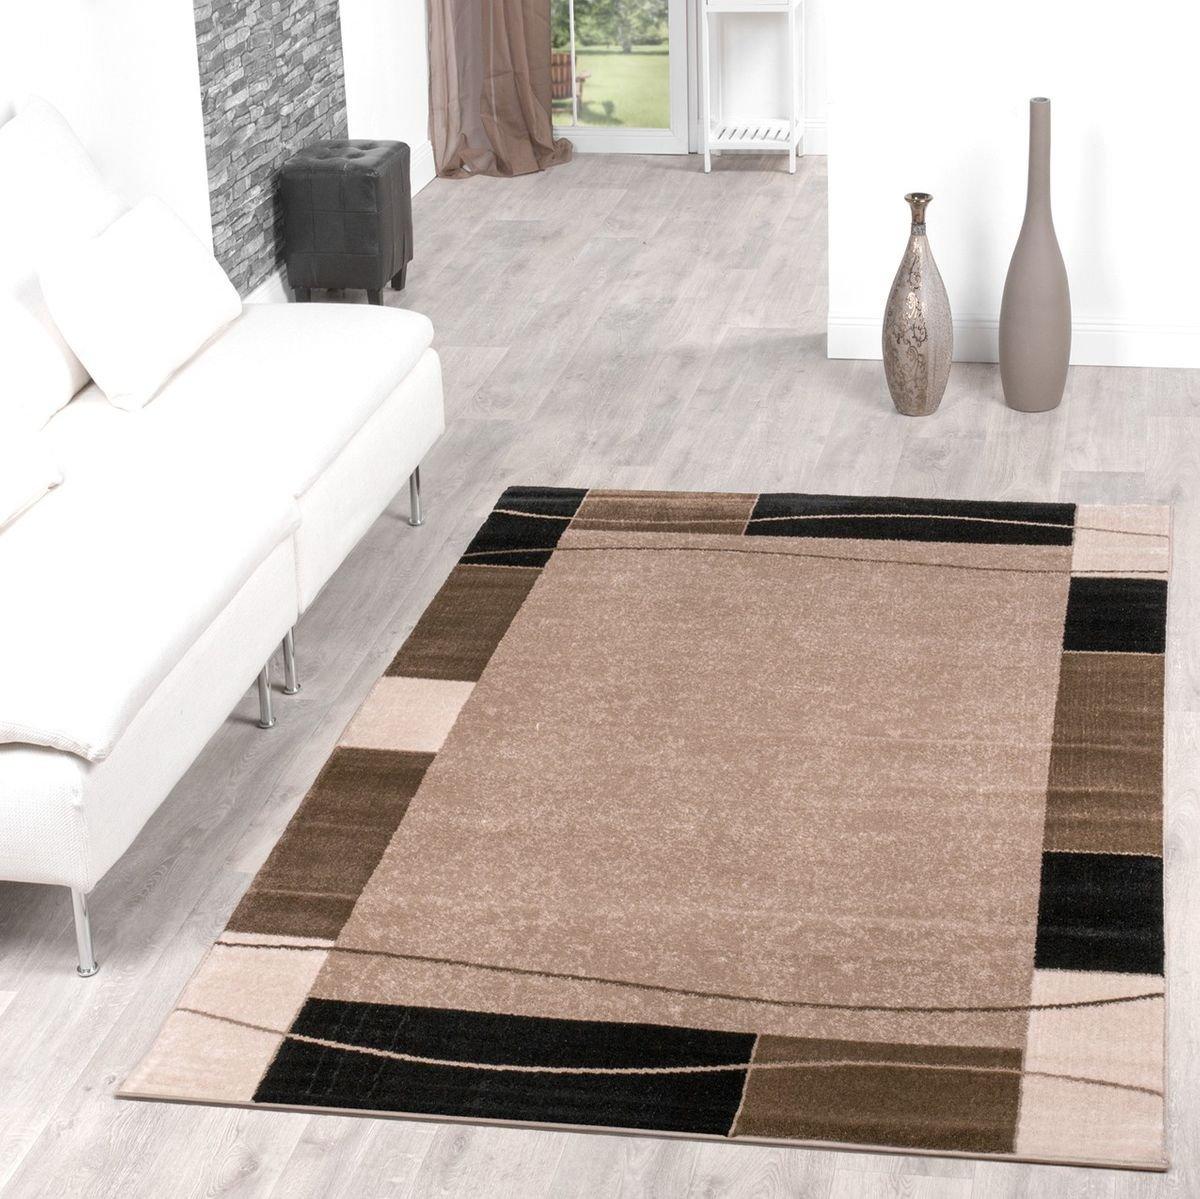 Teppich Günstig Bordüre Design Modern Wohnzimmerteppich Beige Schwarz Top Preis, Größe 60x100 cm